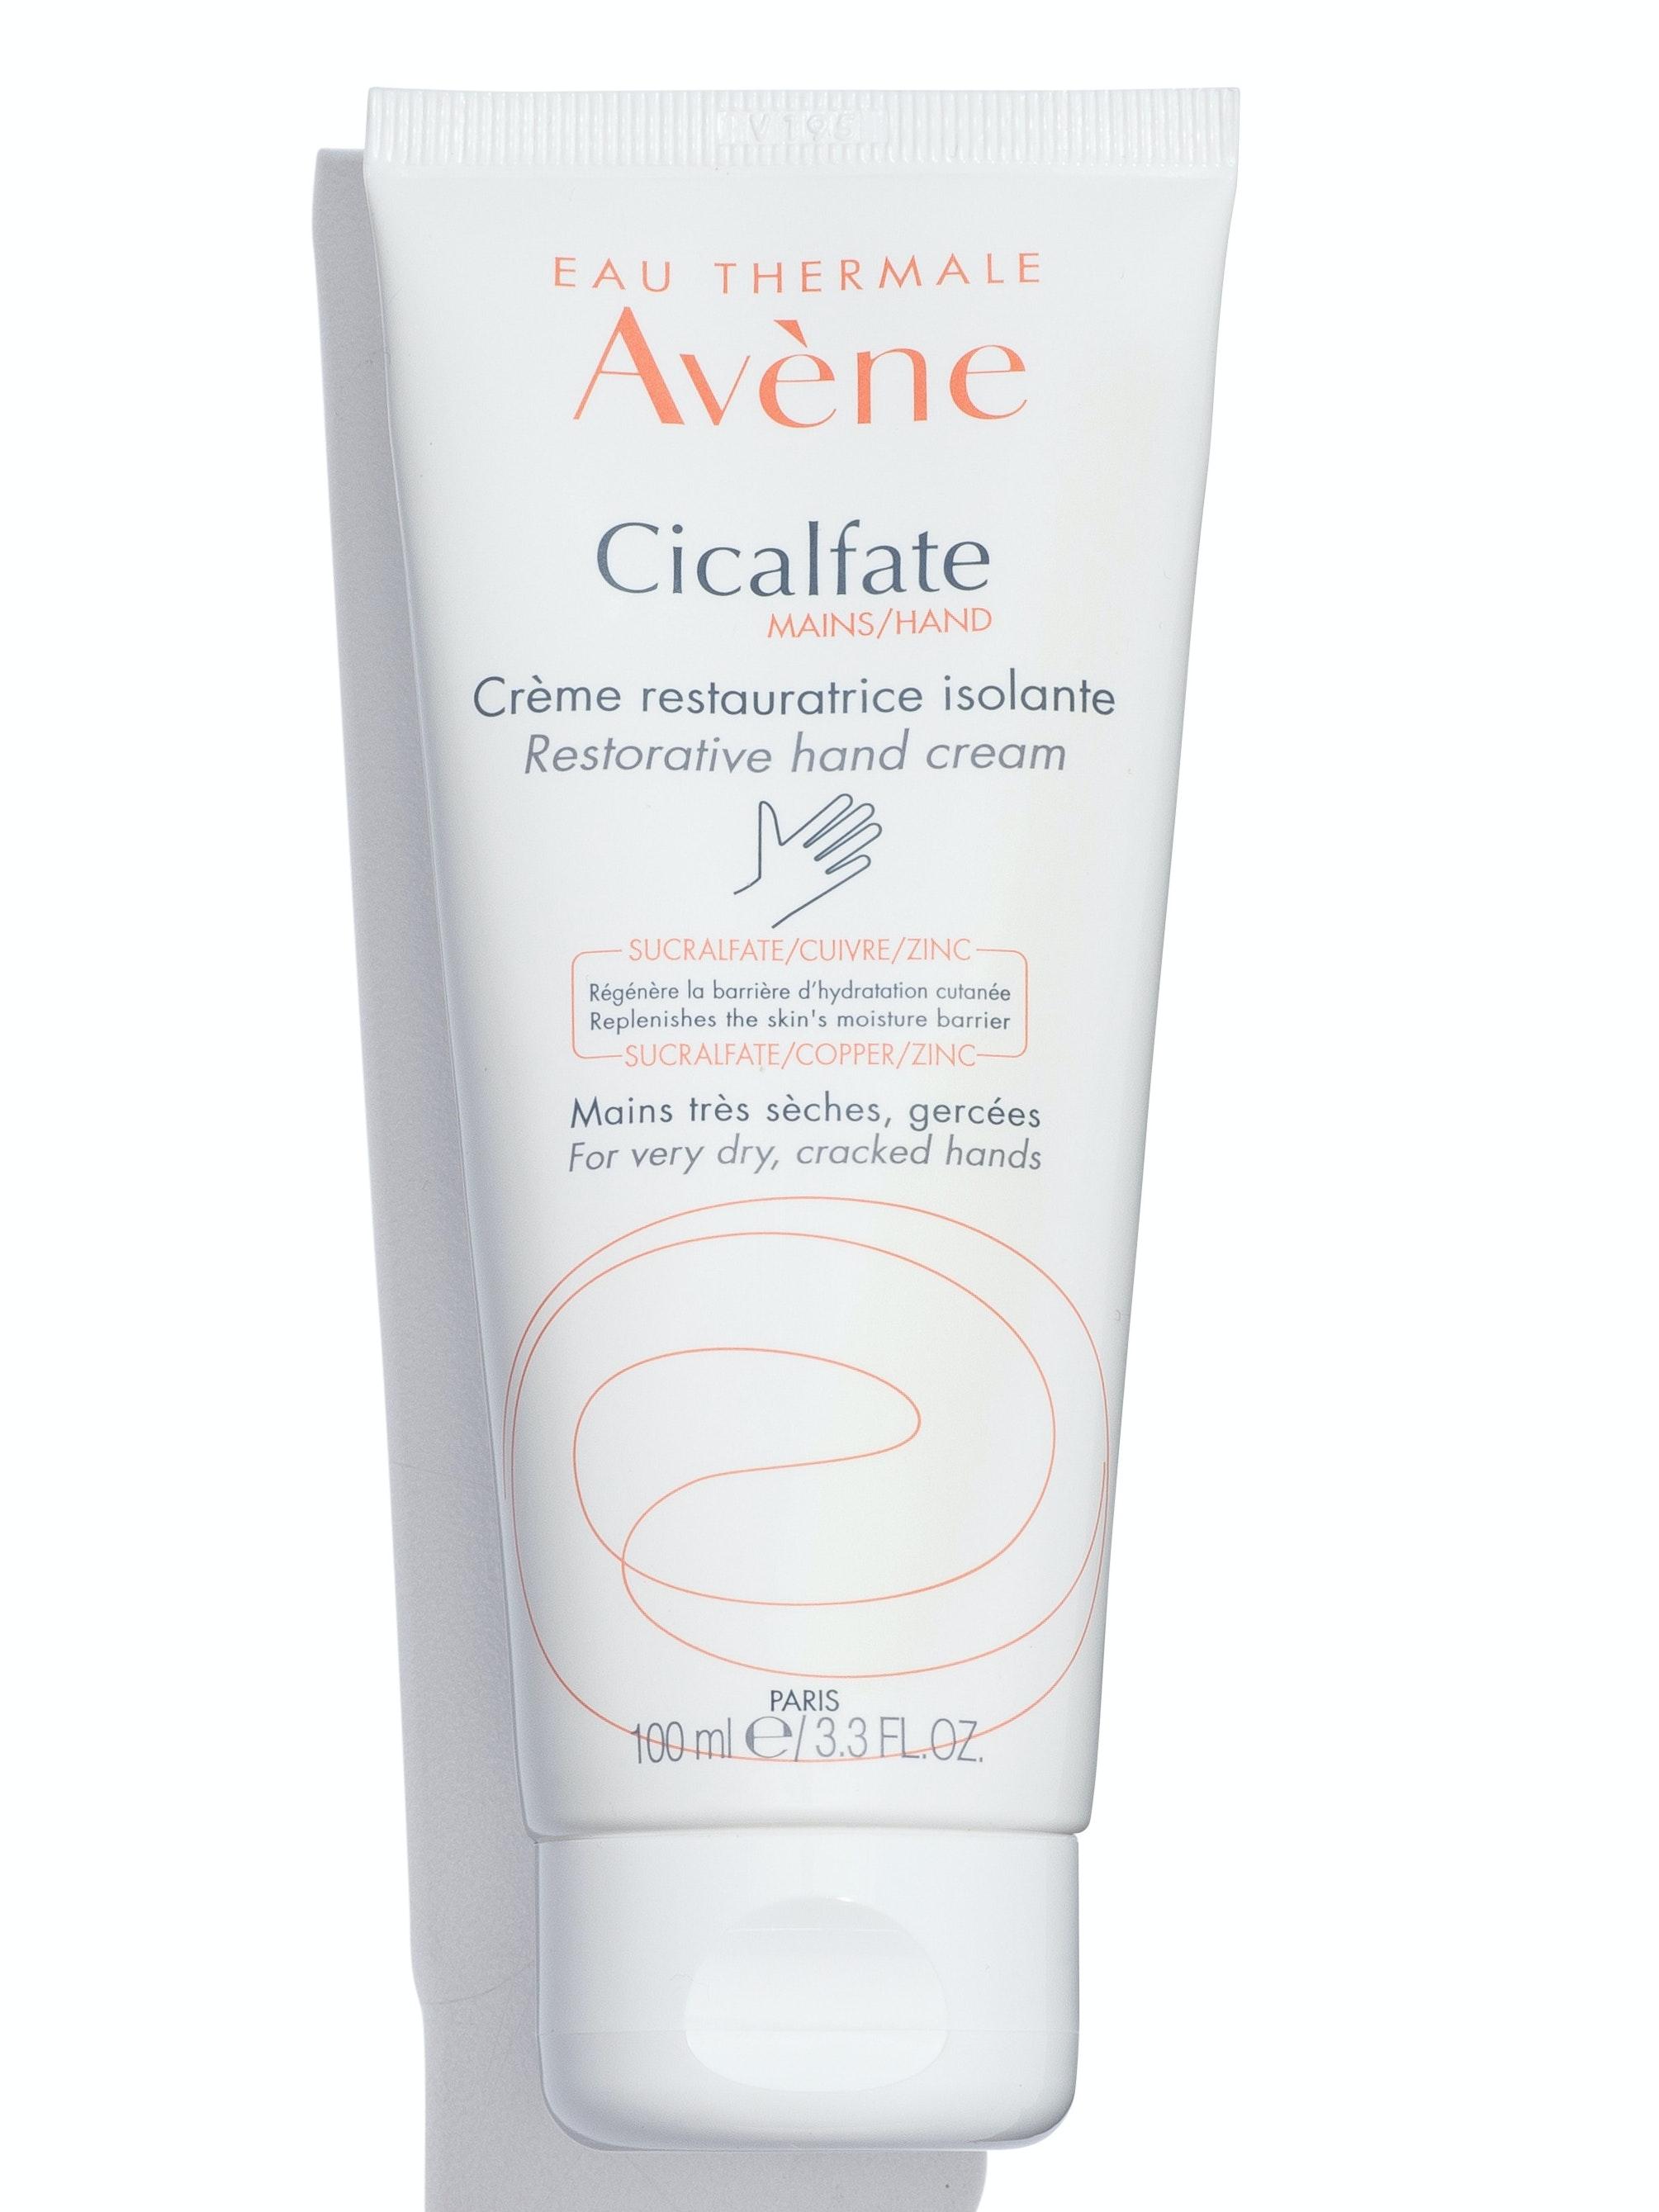 Eau Thermale Avène Cicalfate Restorative Hand Cream